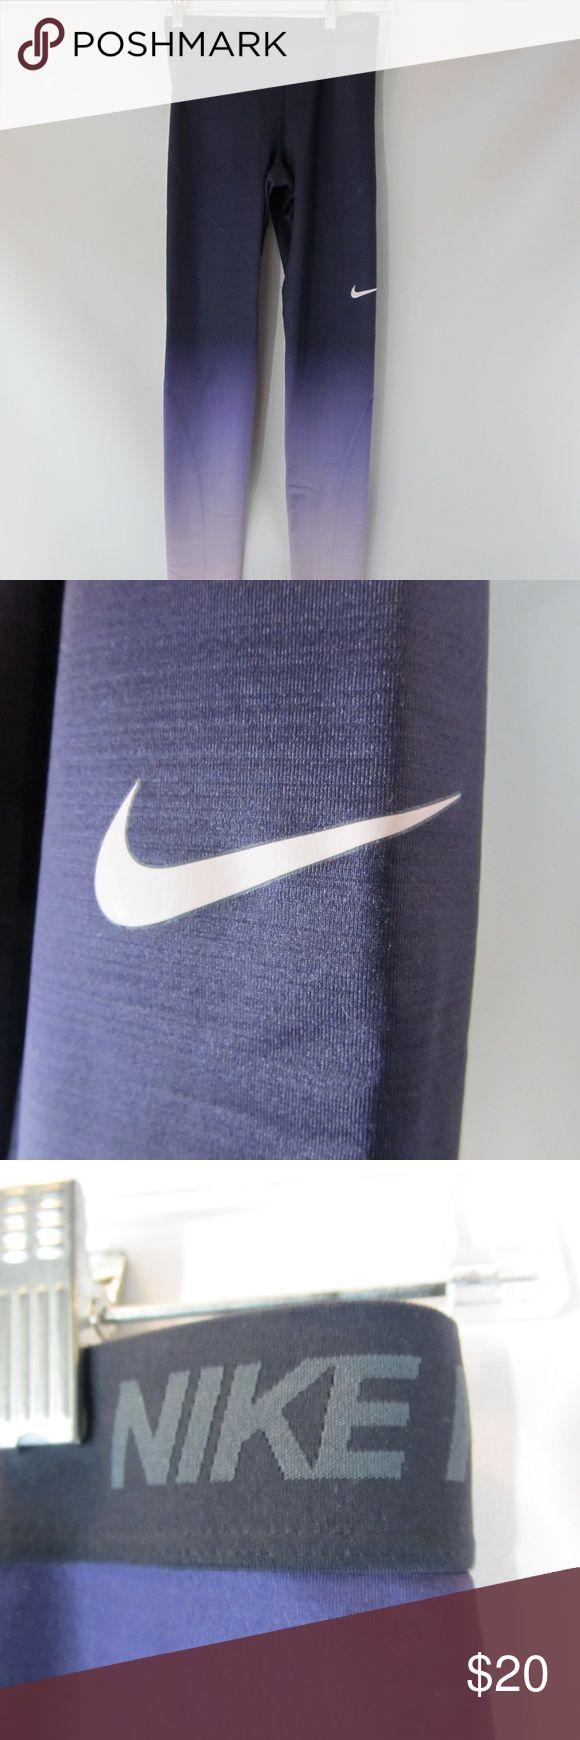 Nike Pro Hyperwarm Running Fitness Leggings Great for winter running! Tag Size: Medium Nike Pants Leggings